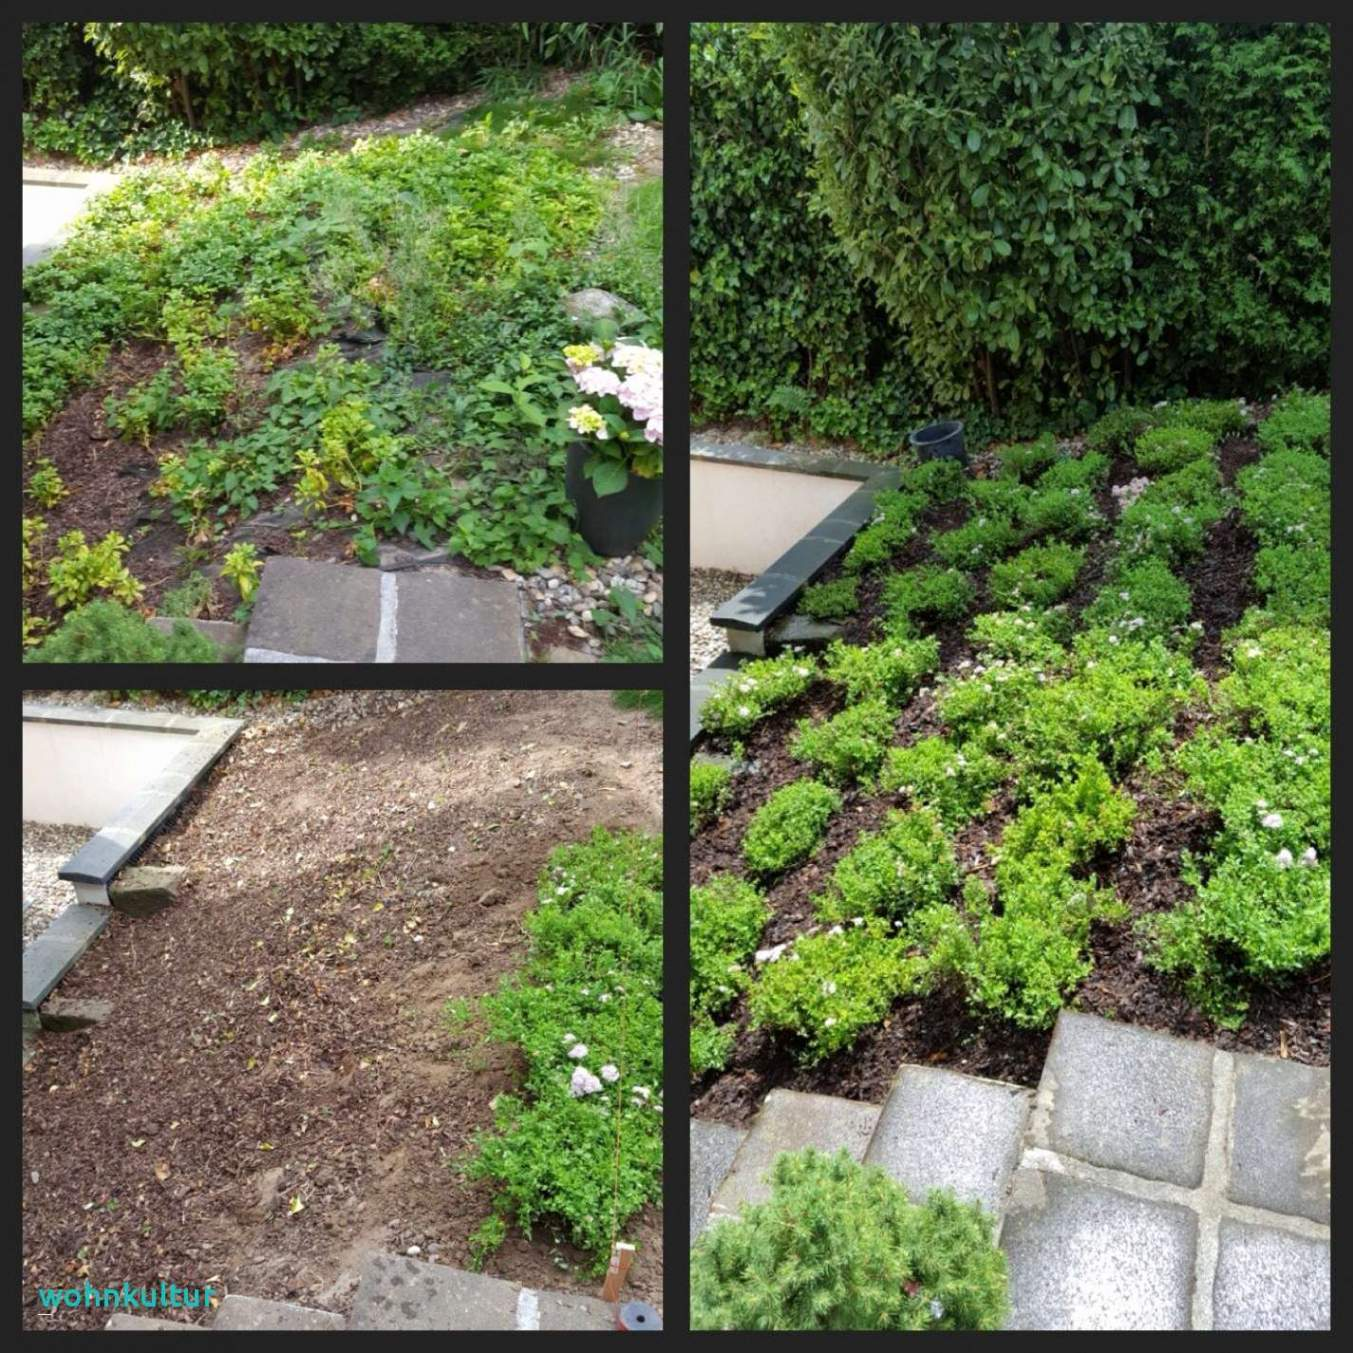 Natur Und Garten Best Of 28 Neu Natur Und Garten Luxus